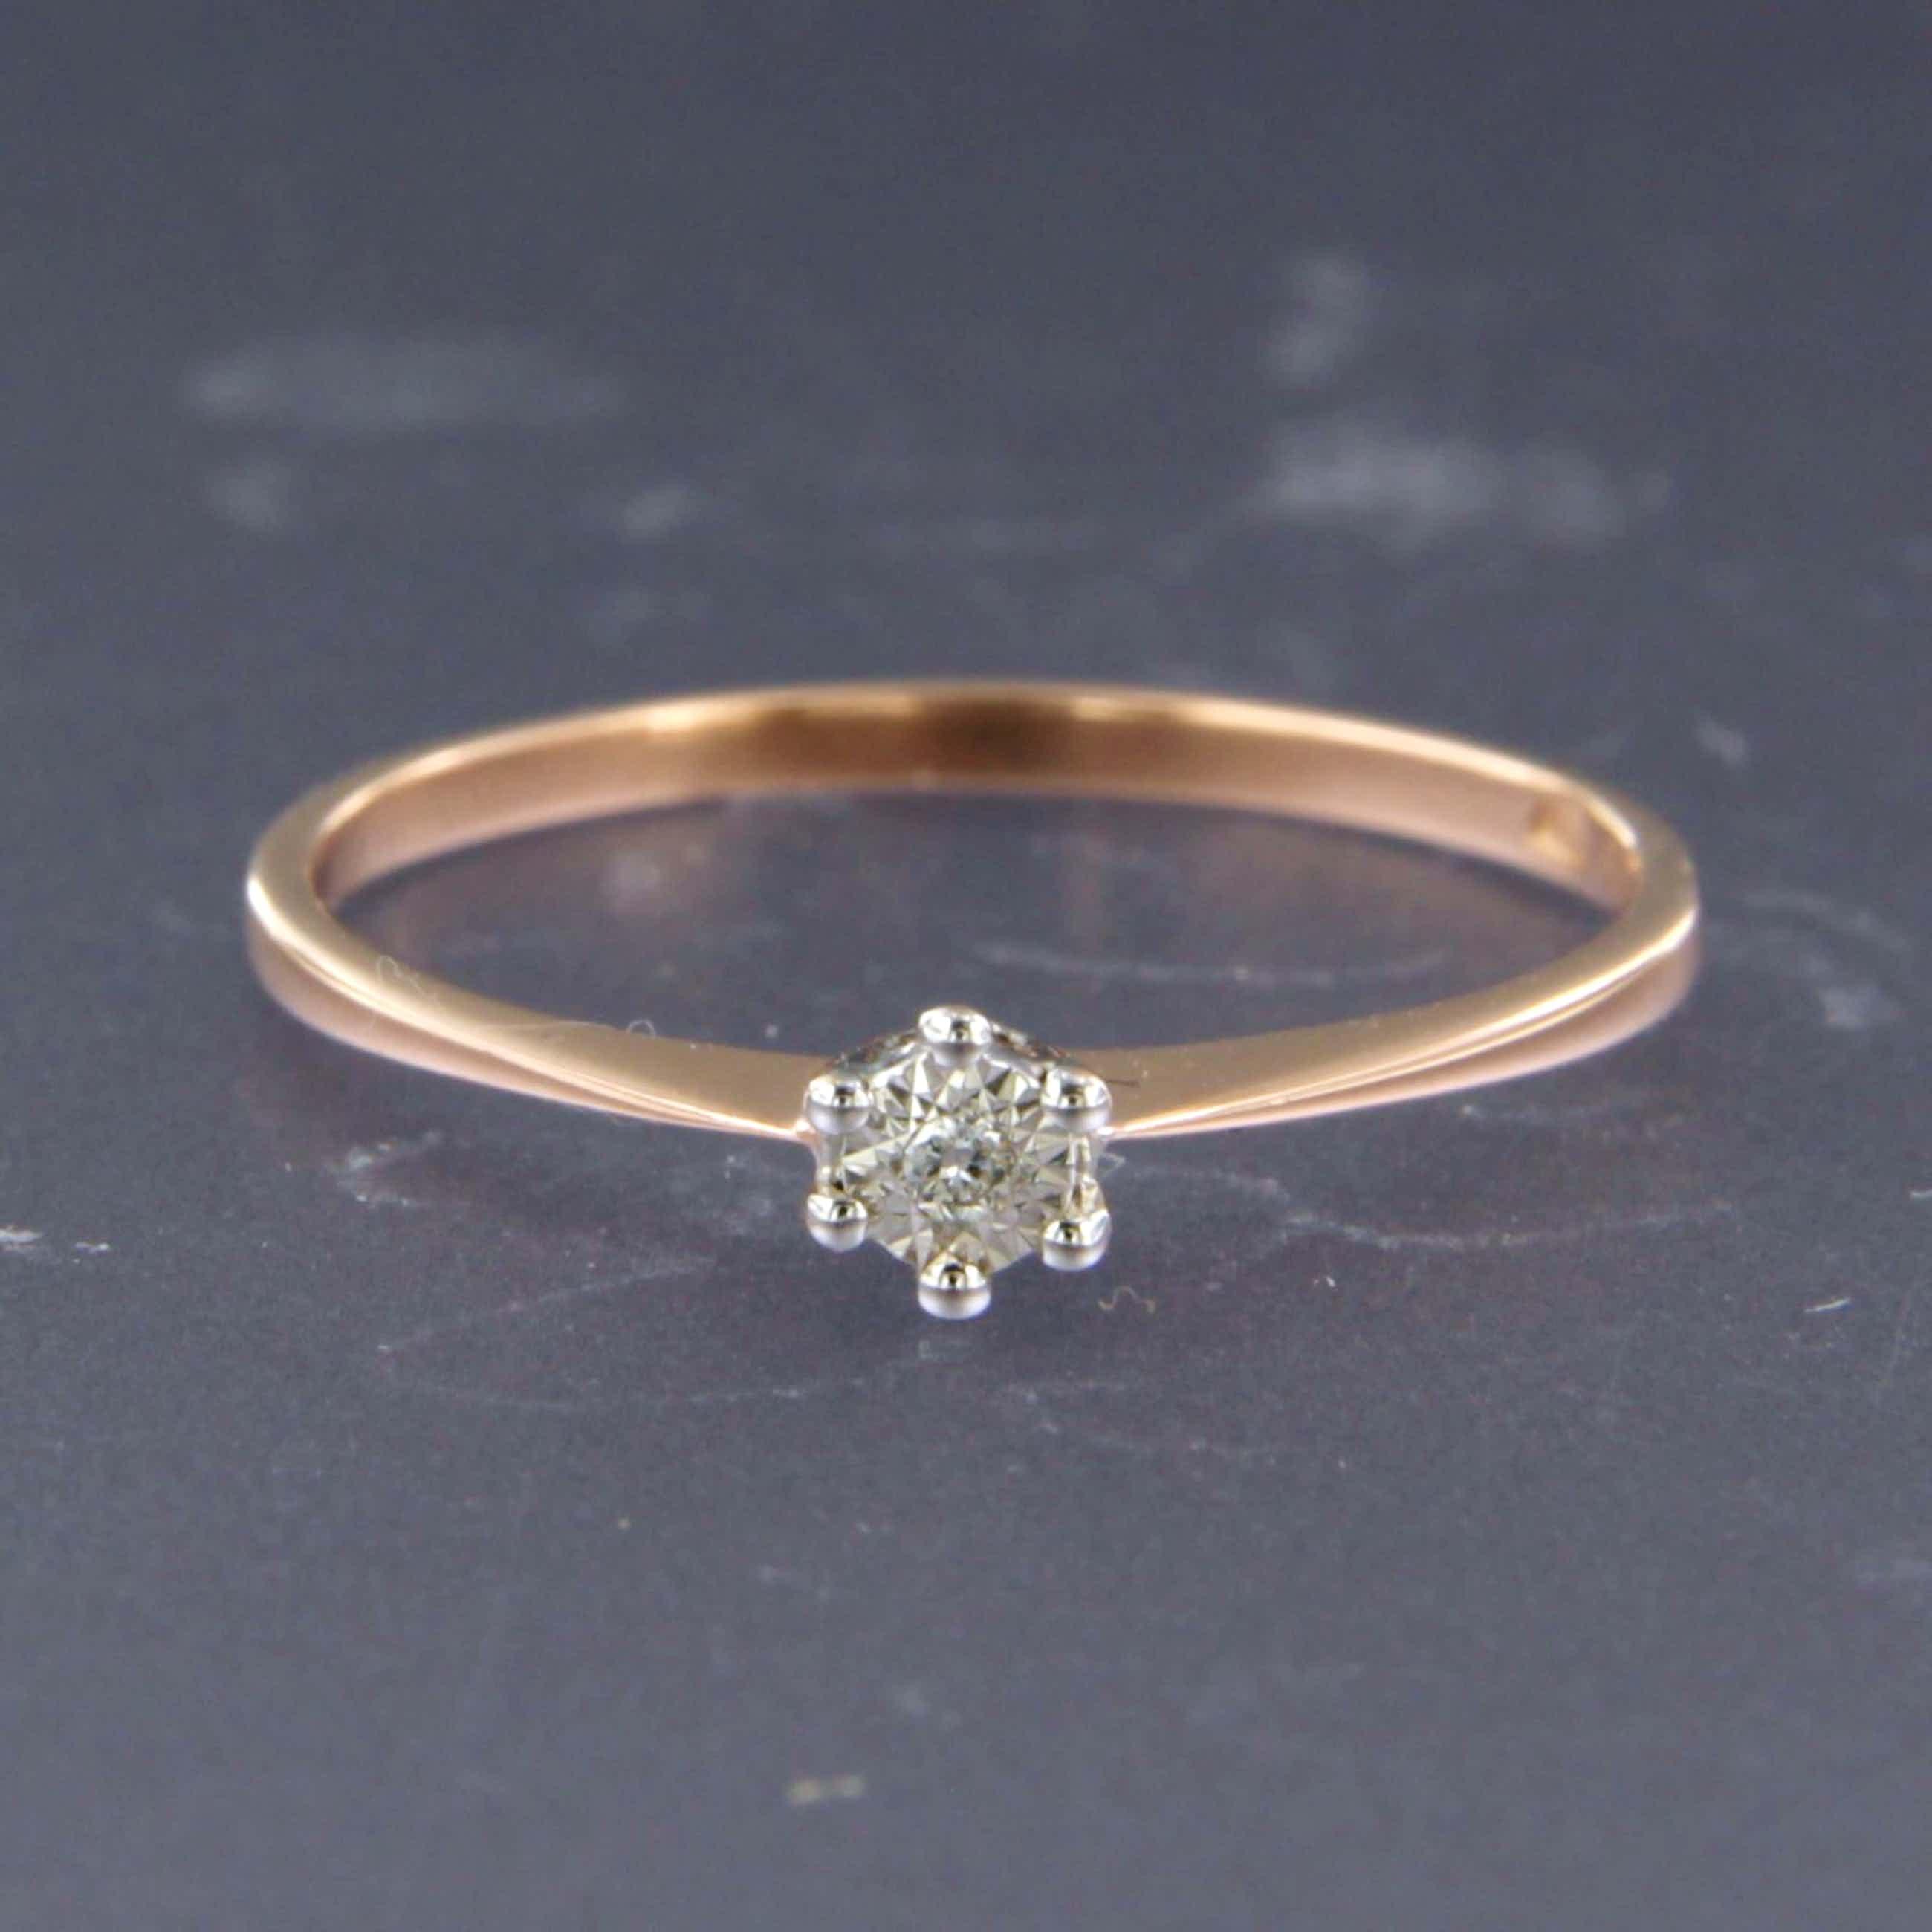 14K Goud - rood- en witgouden ring bezet met diamant - ringmaat 16 (50) kopen? Bied vanaf 44!